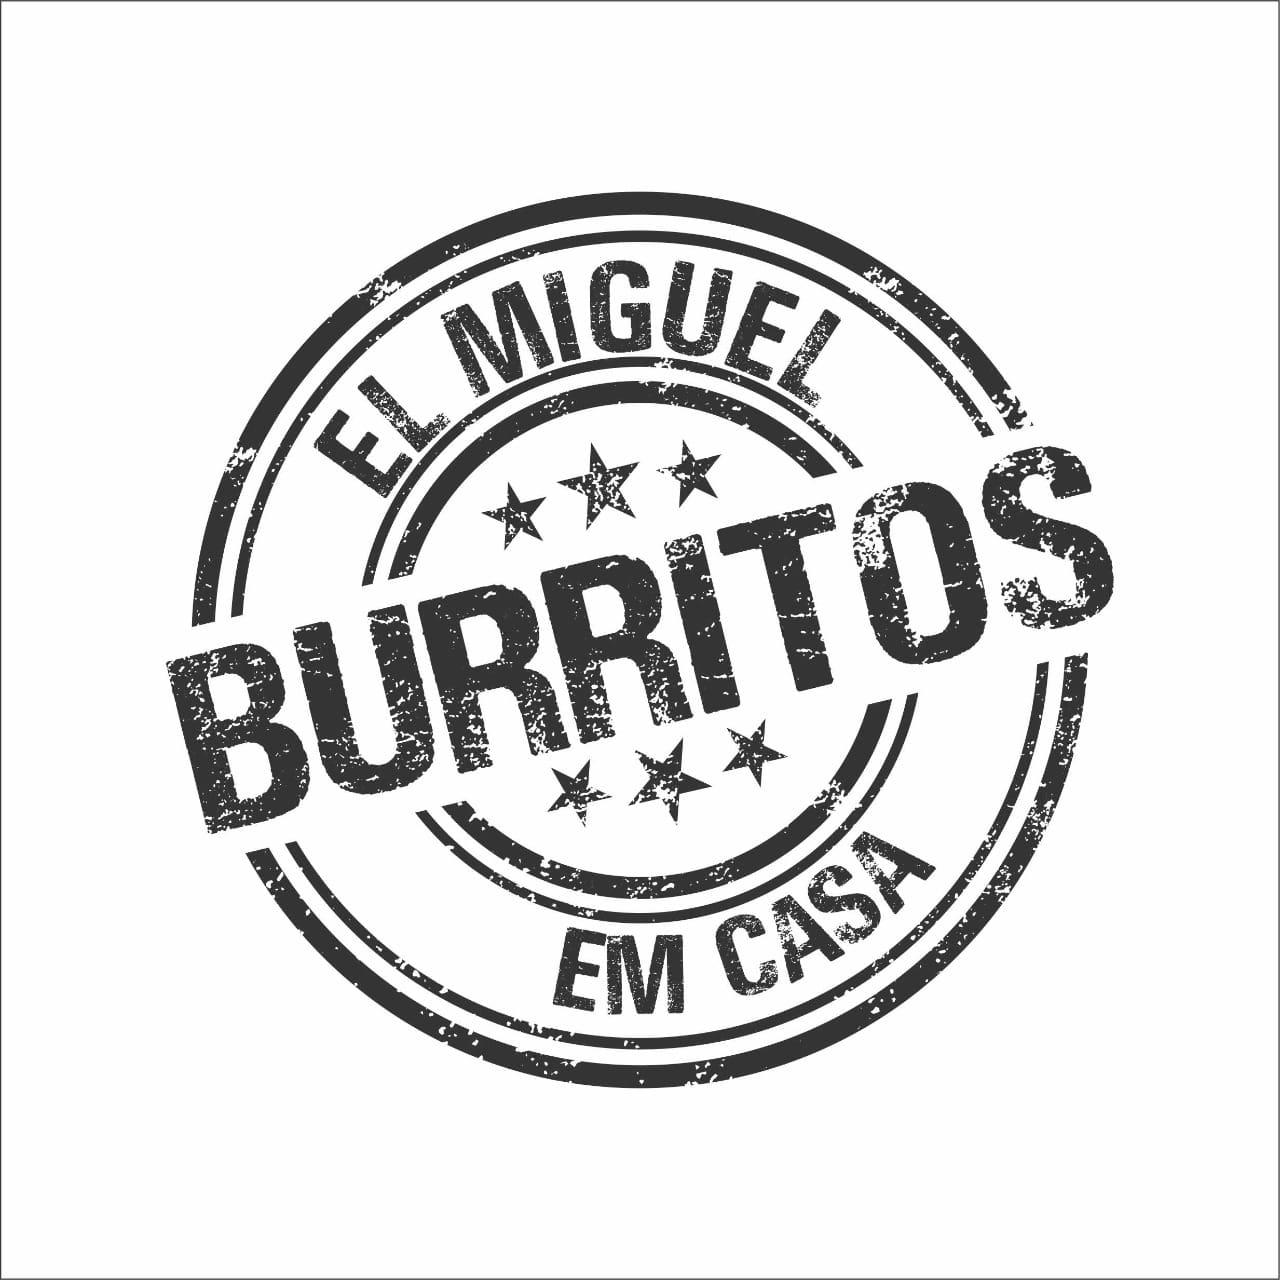 El Miguel Burritos